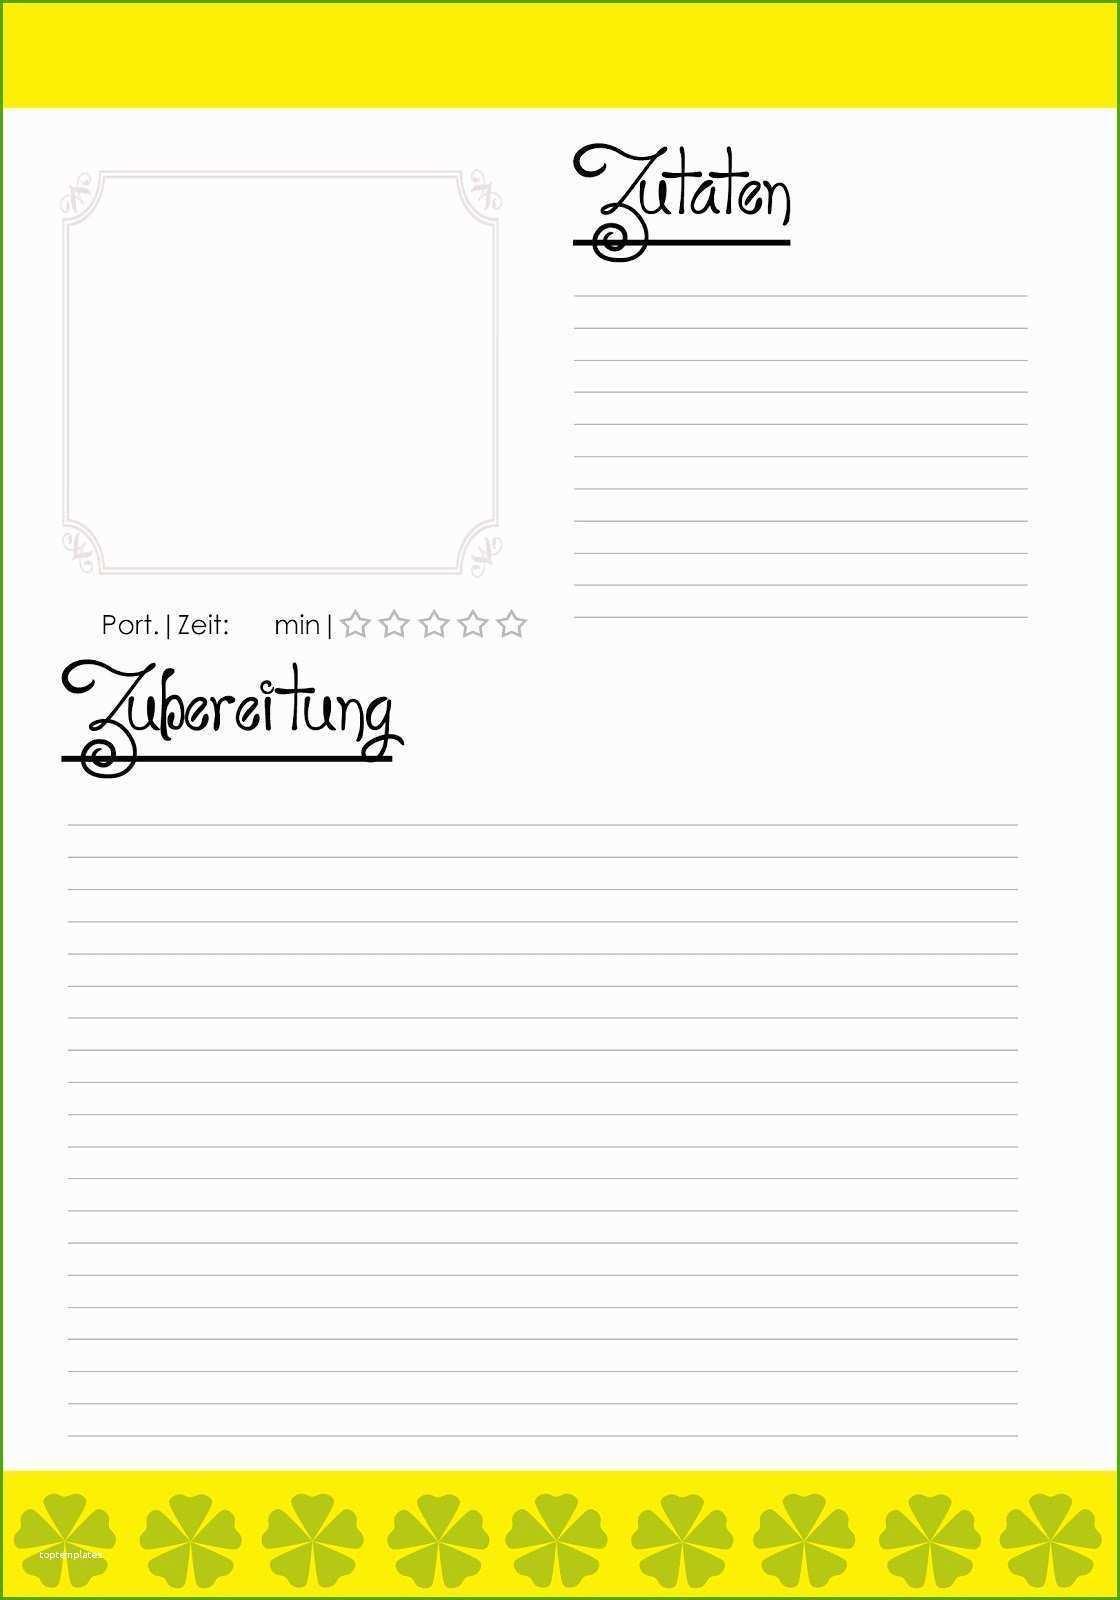 Vorlage Rezept Schone Charmant Rezept Papier Vorlage Bilder Bilder Fur Das Kochbuch Vorlage Kochbuch Selbst Gestalten Vorlagen